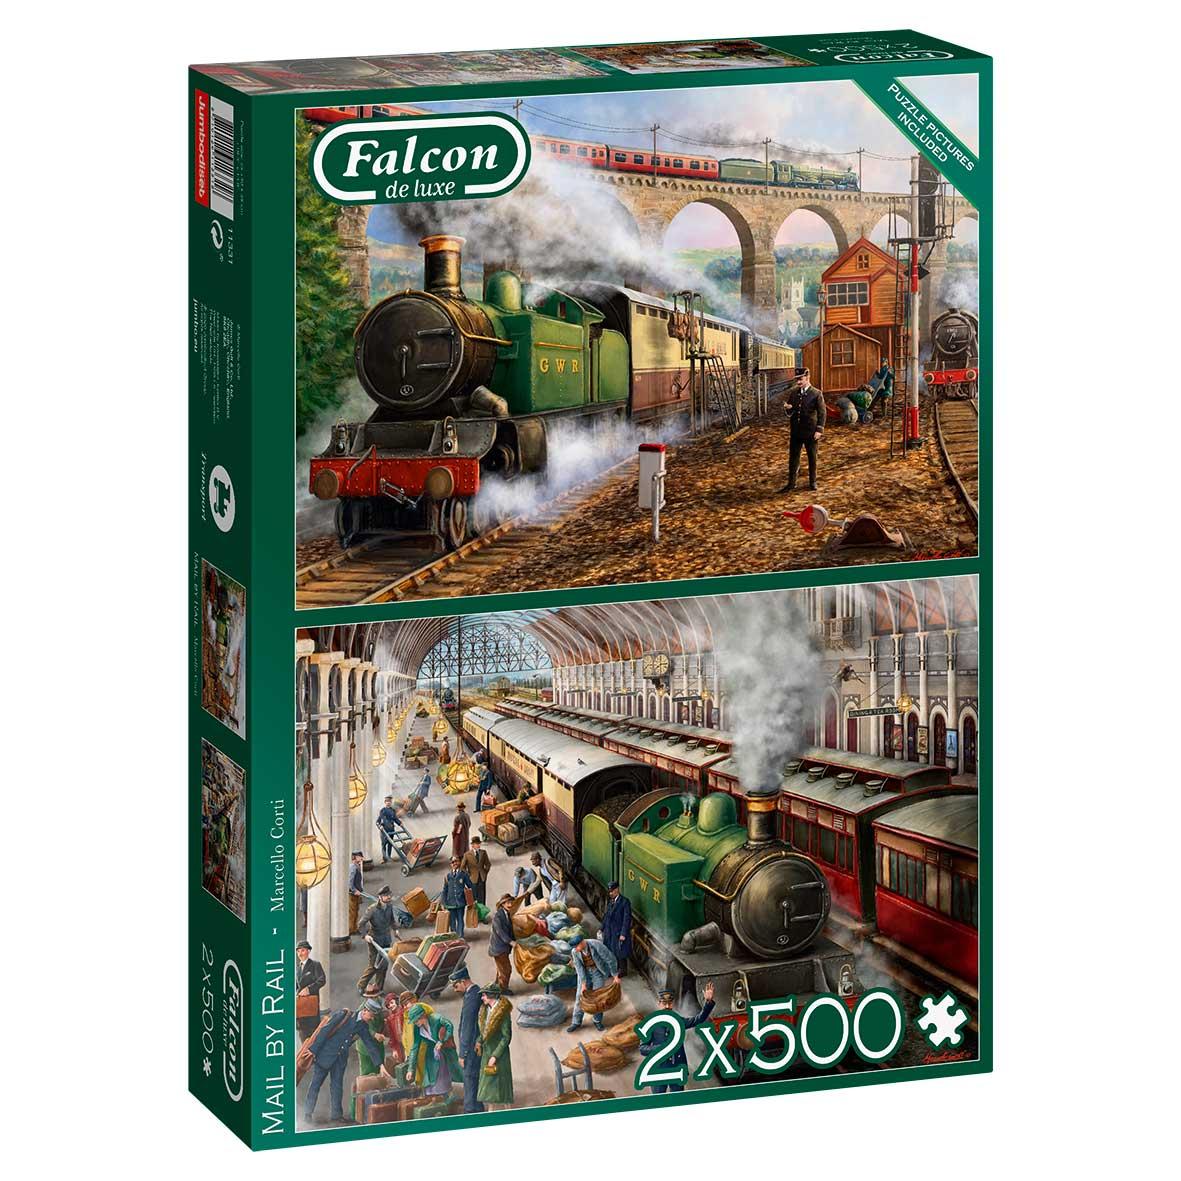 Puzzle Falcon Correo Por Tren de 2 x 500 Pzs